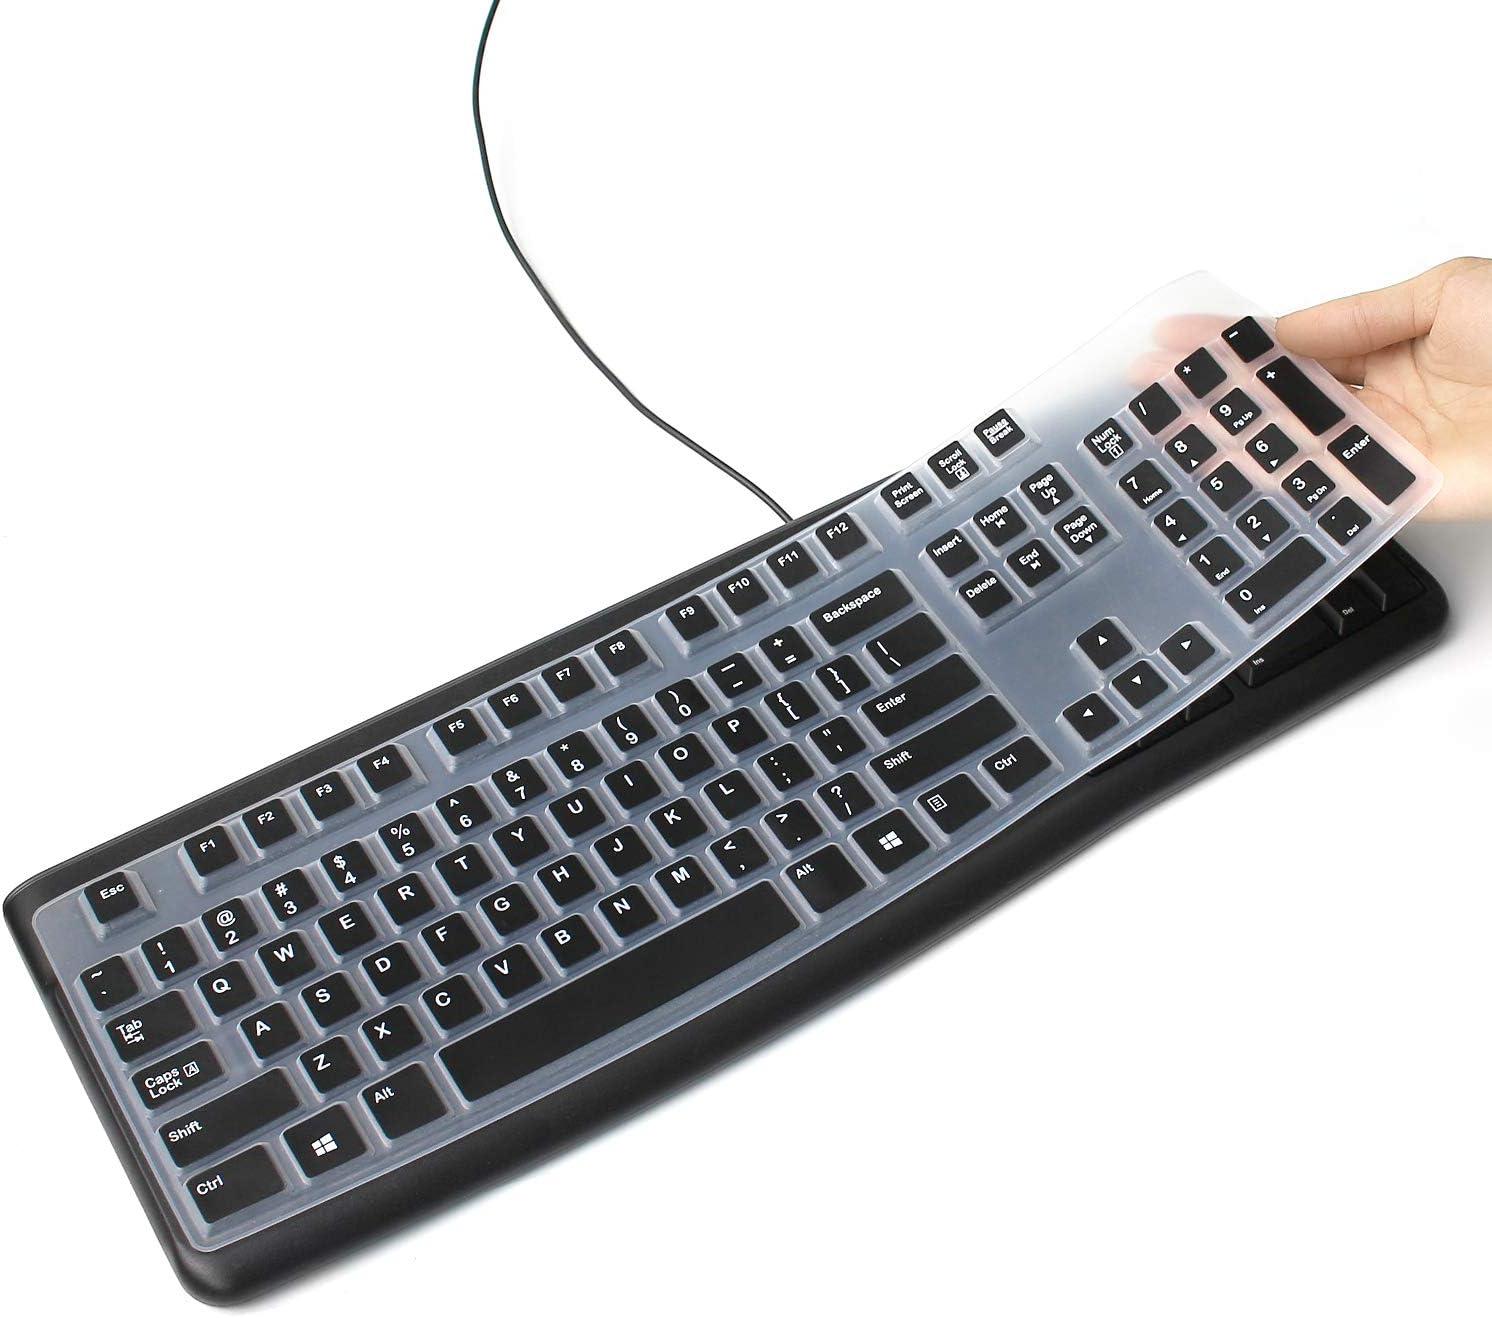 Funda de silicona para teclado Logitech K120 y MK120 ergonómico de escritorio con cable USB, funda protectora ultrafina para Logitech MK120 K120, ...